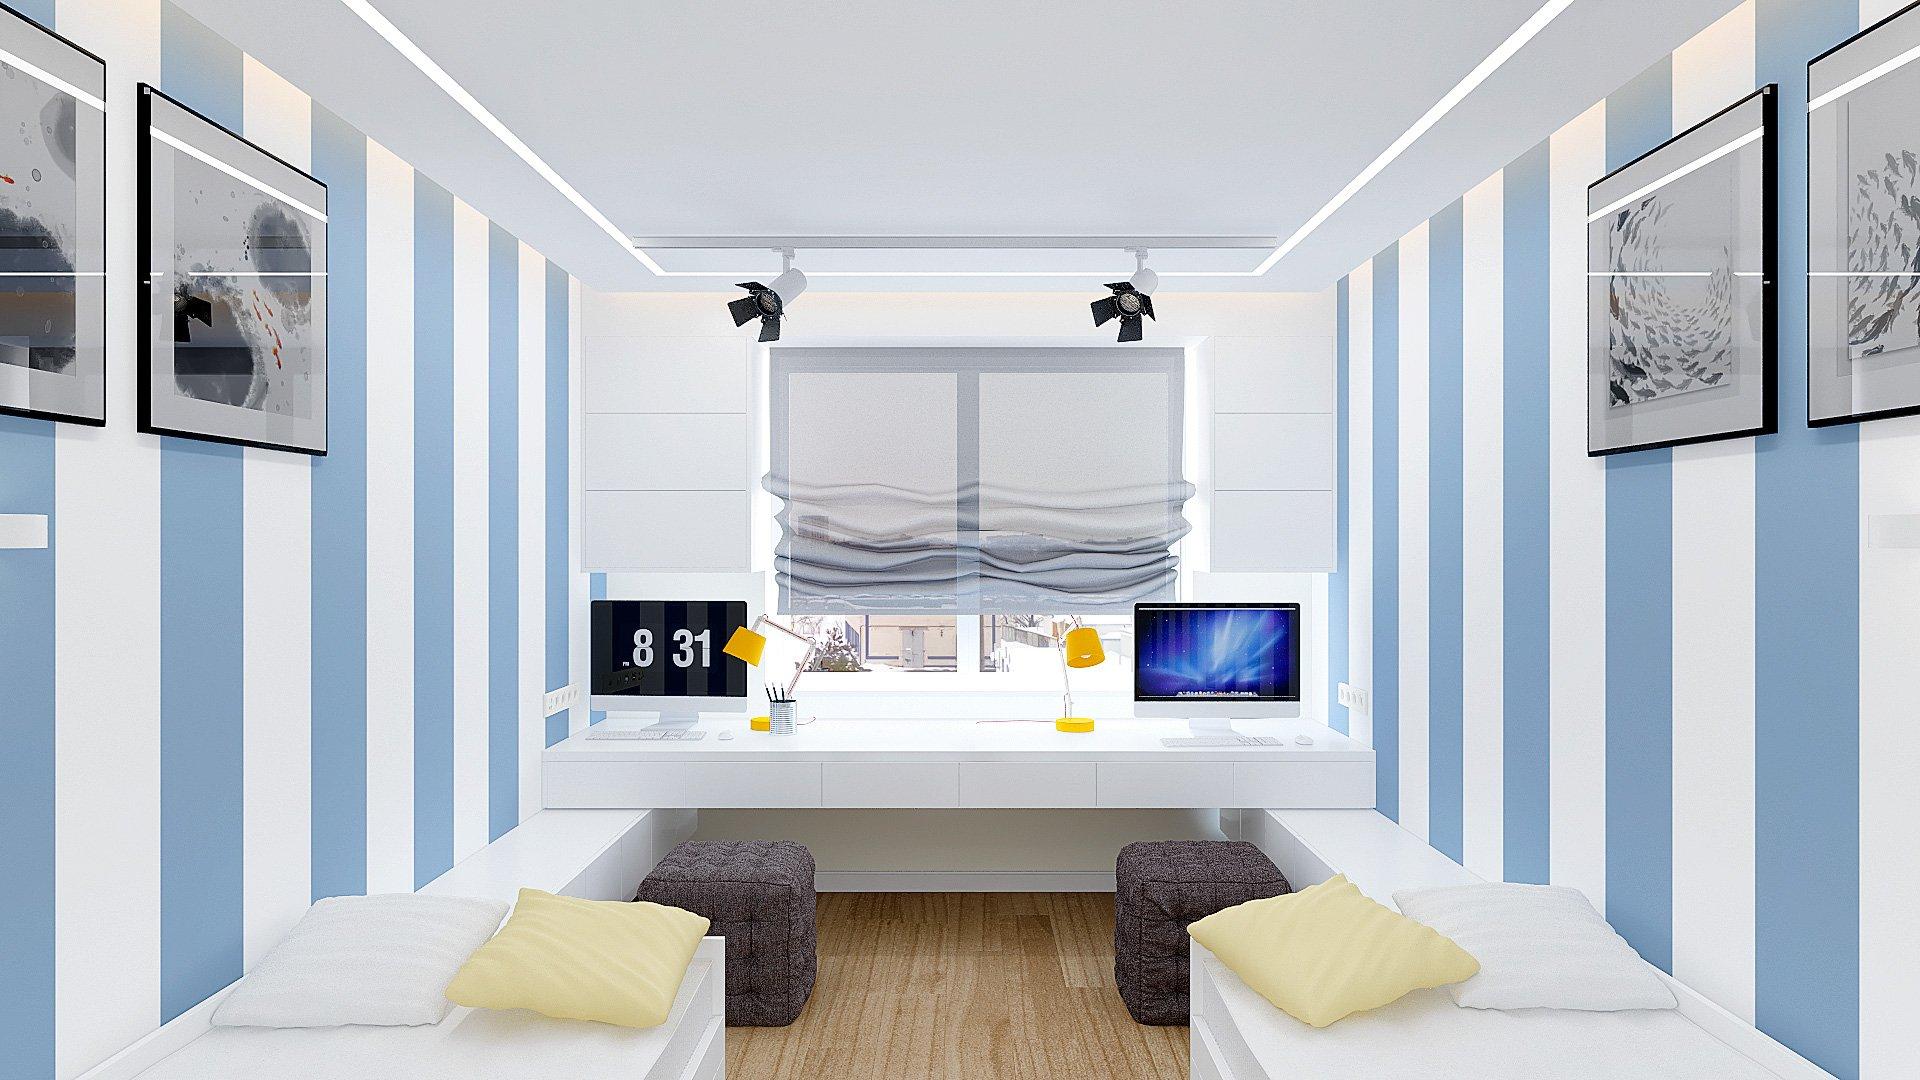 детская комнаты в Гомеле, Изображение № 1, письменный стол у окна, кровати ИКЕА в интерьере детской, детская для двоих подростков, светильники на шинопроводе, голубые стены